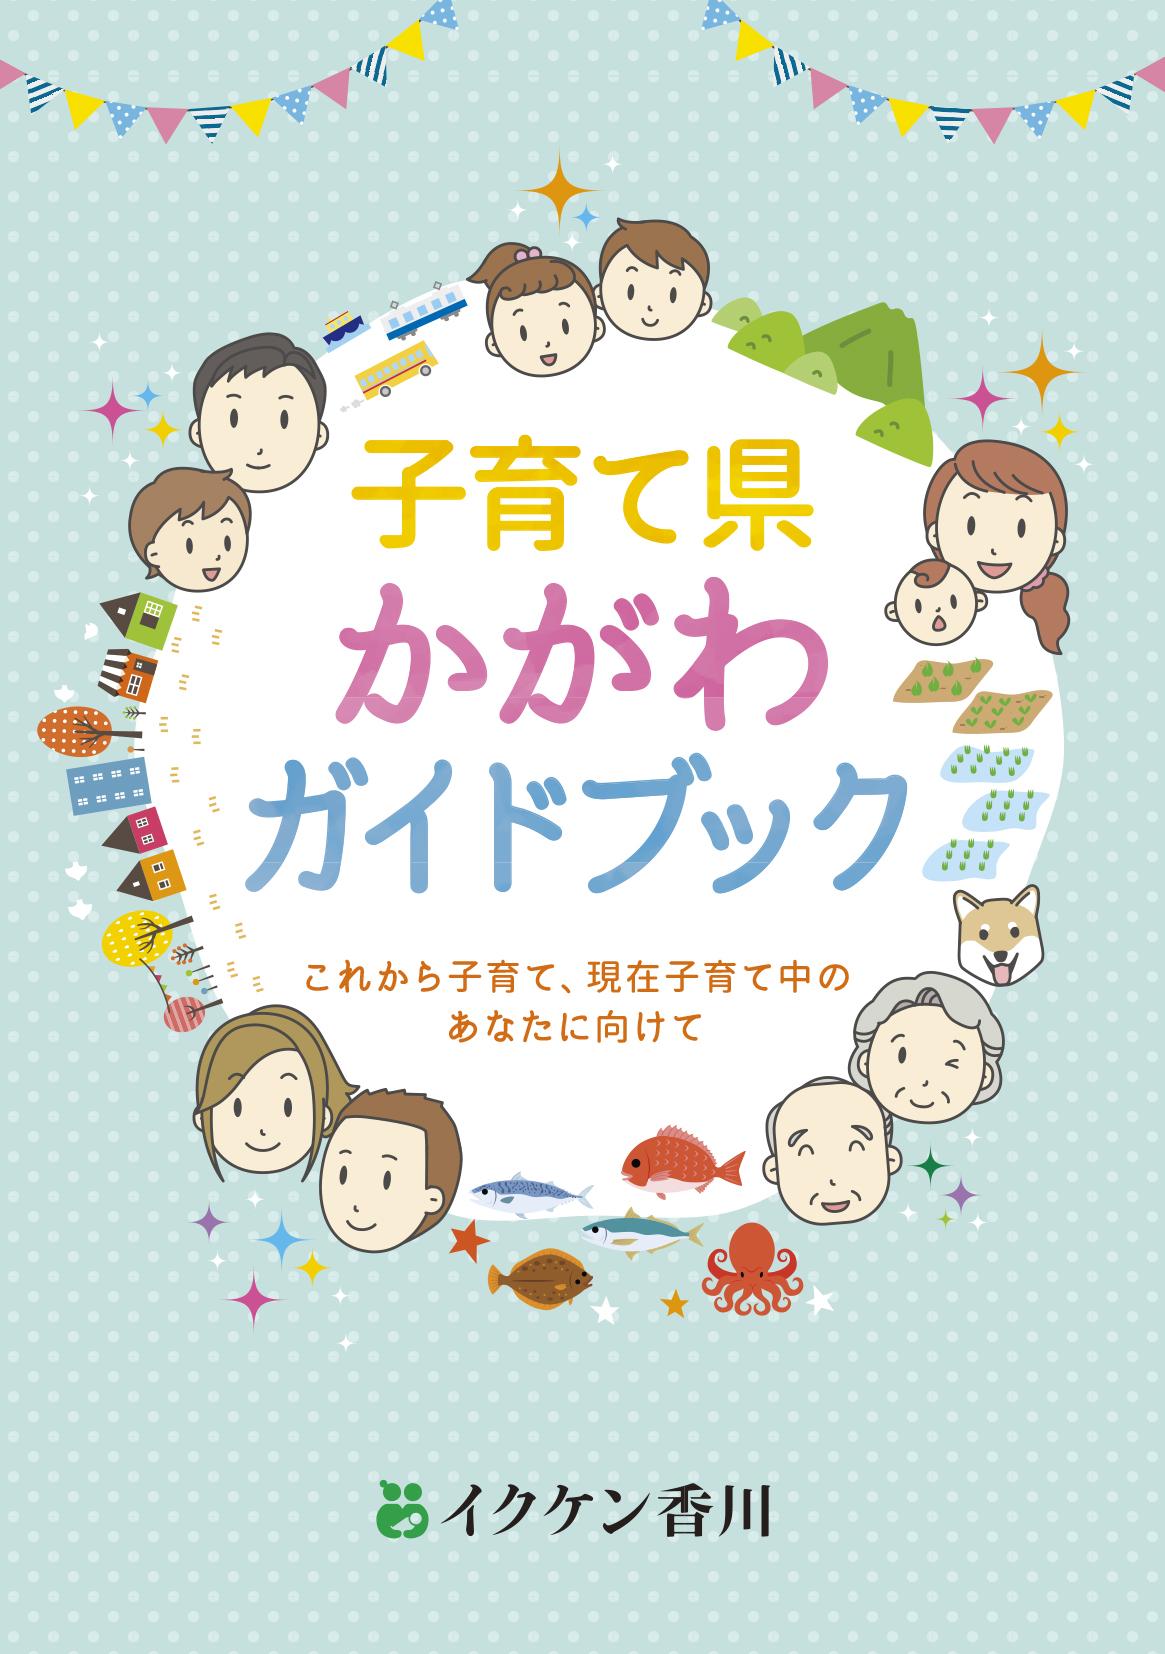 子育て県かがわガイドブック(平成30年11月発行)